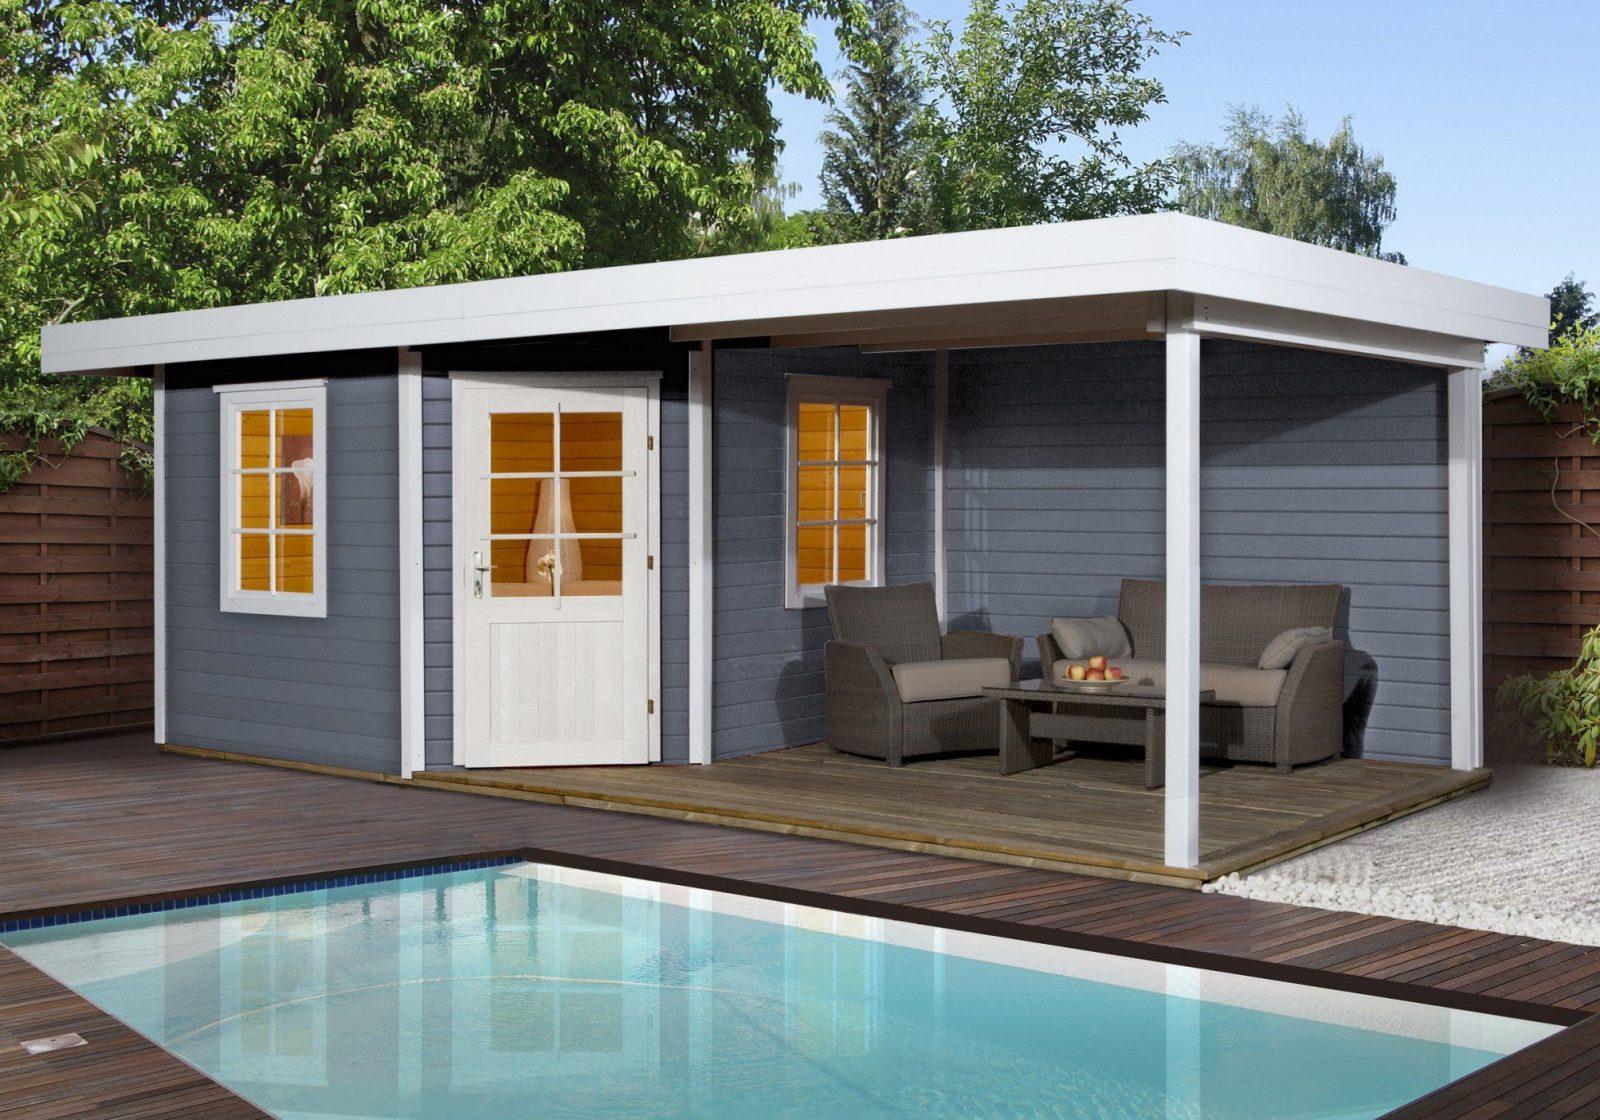 Stilvolle Gartenhaus Mit Sauna Und Dusche Gartenhaus Mit Sauna von Dusche Im Gartenhaus Einbauen Bild